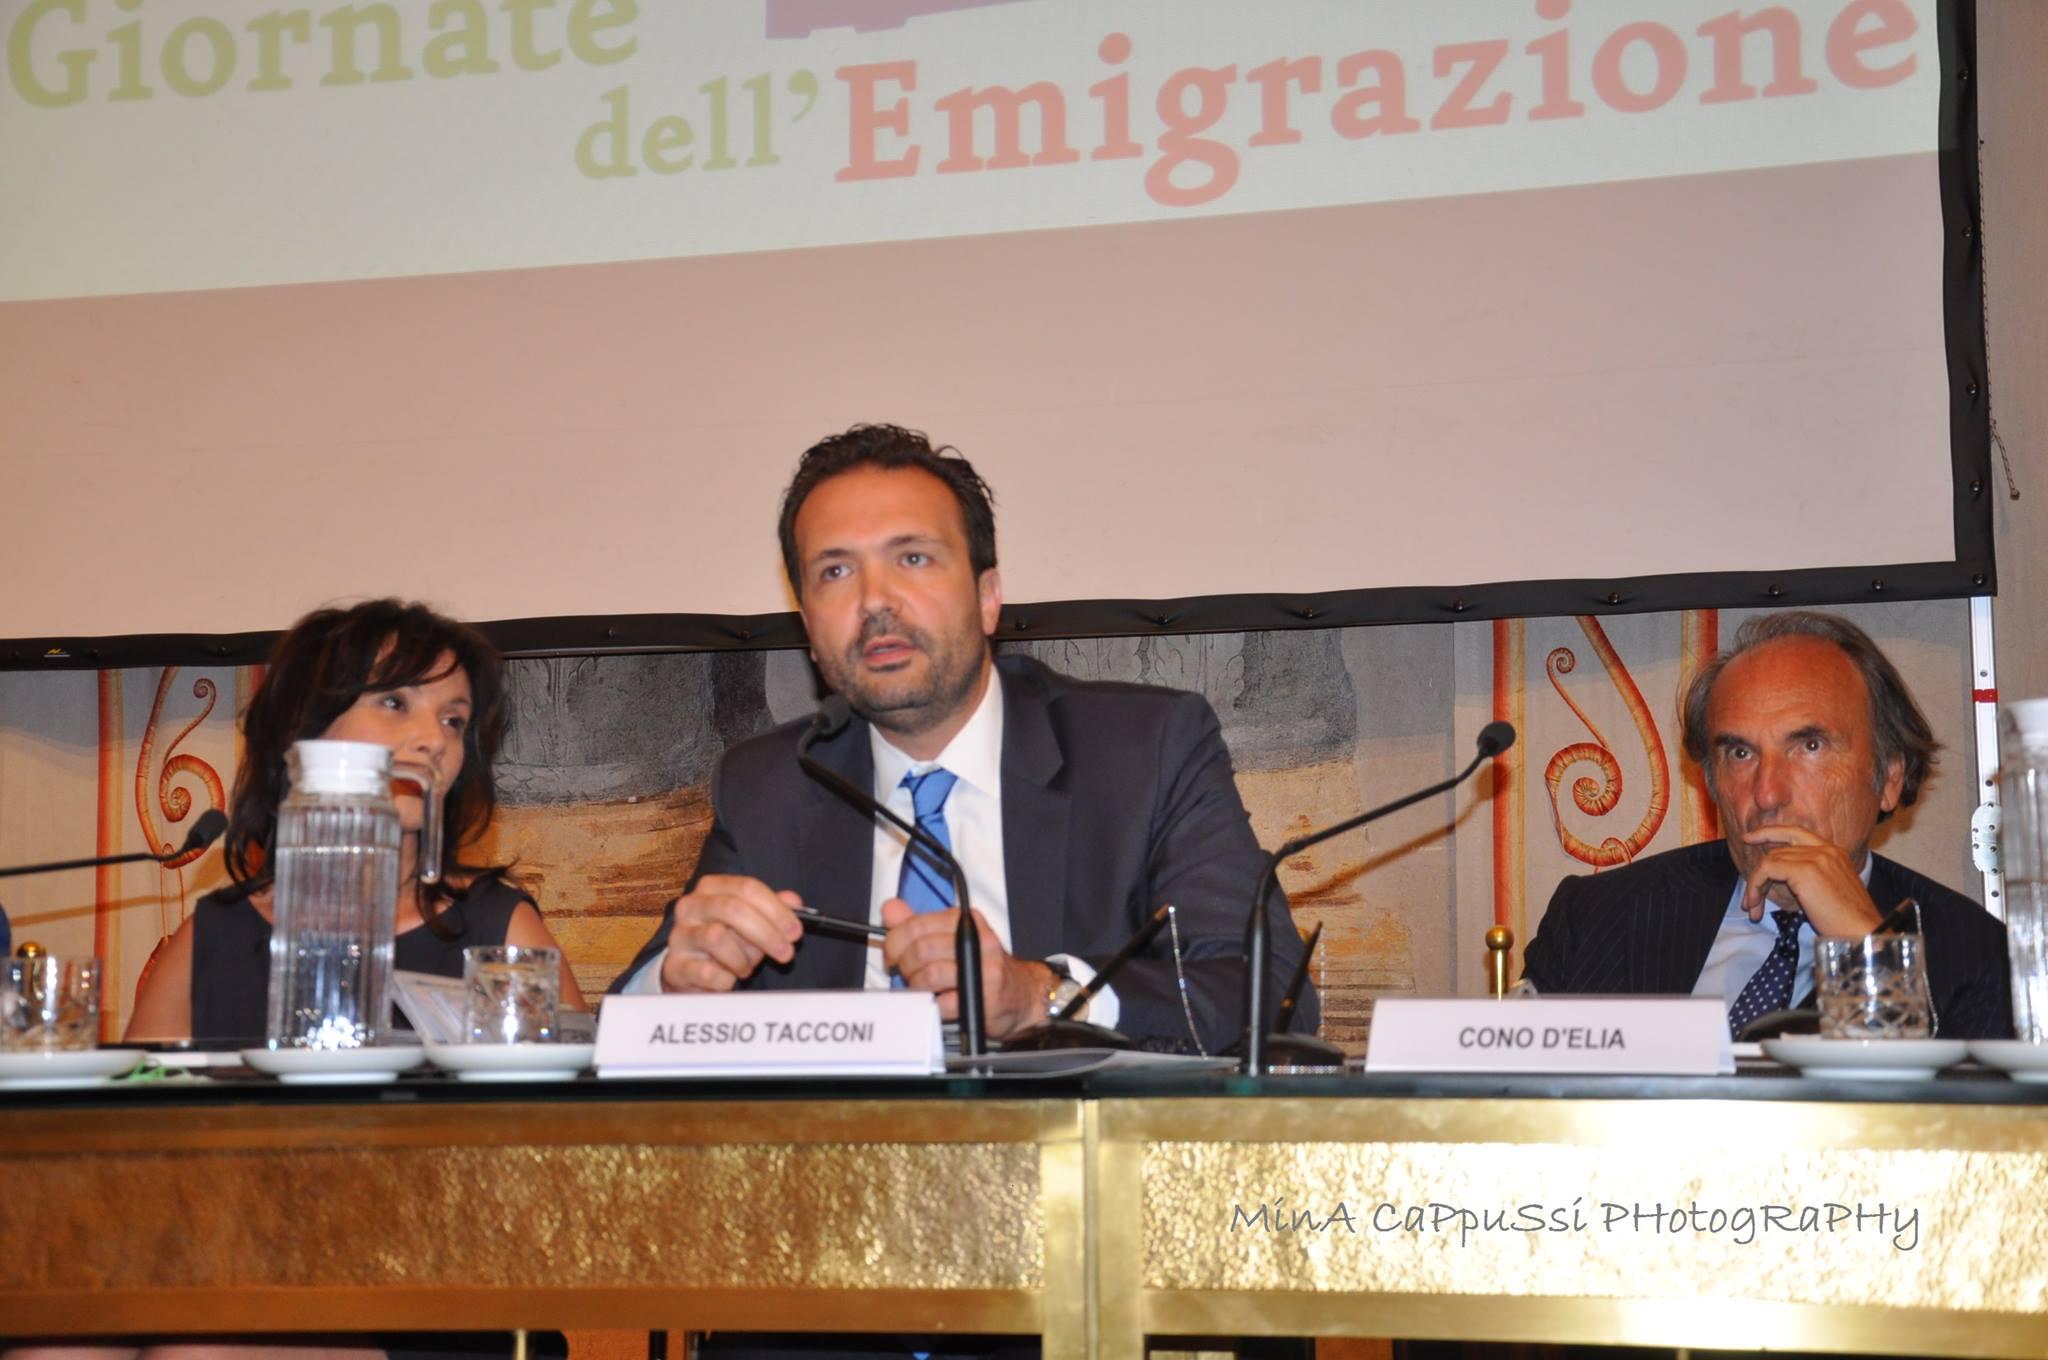 Intervento alle giornate dell'emigrazione ASMEF - Roma